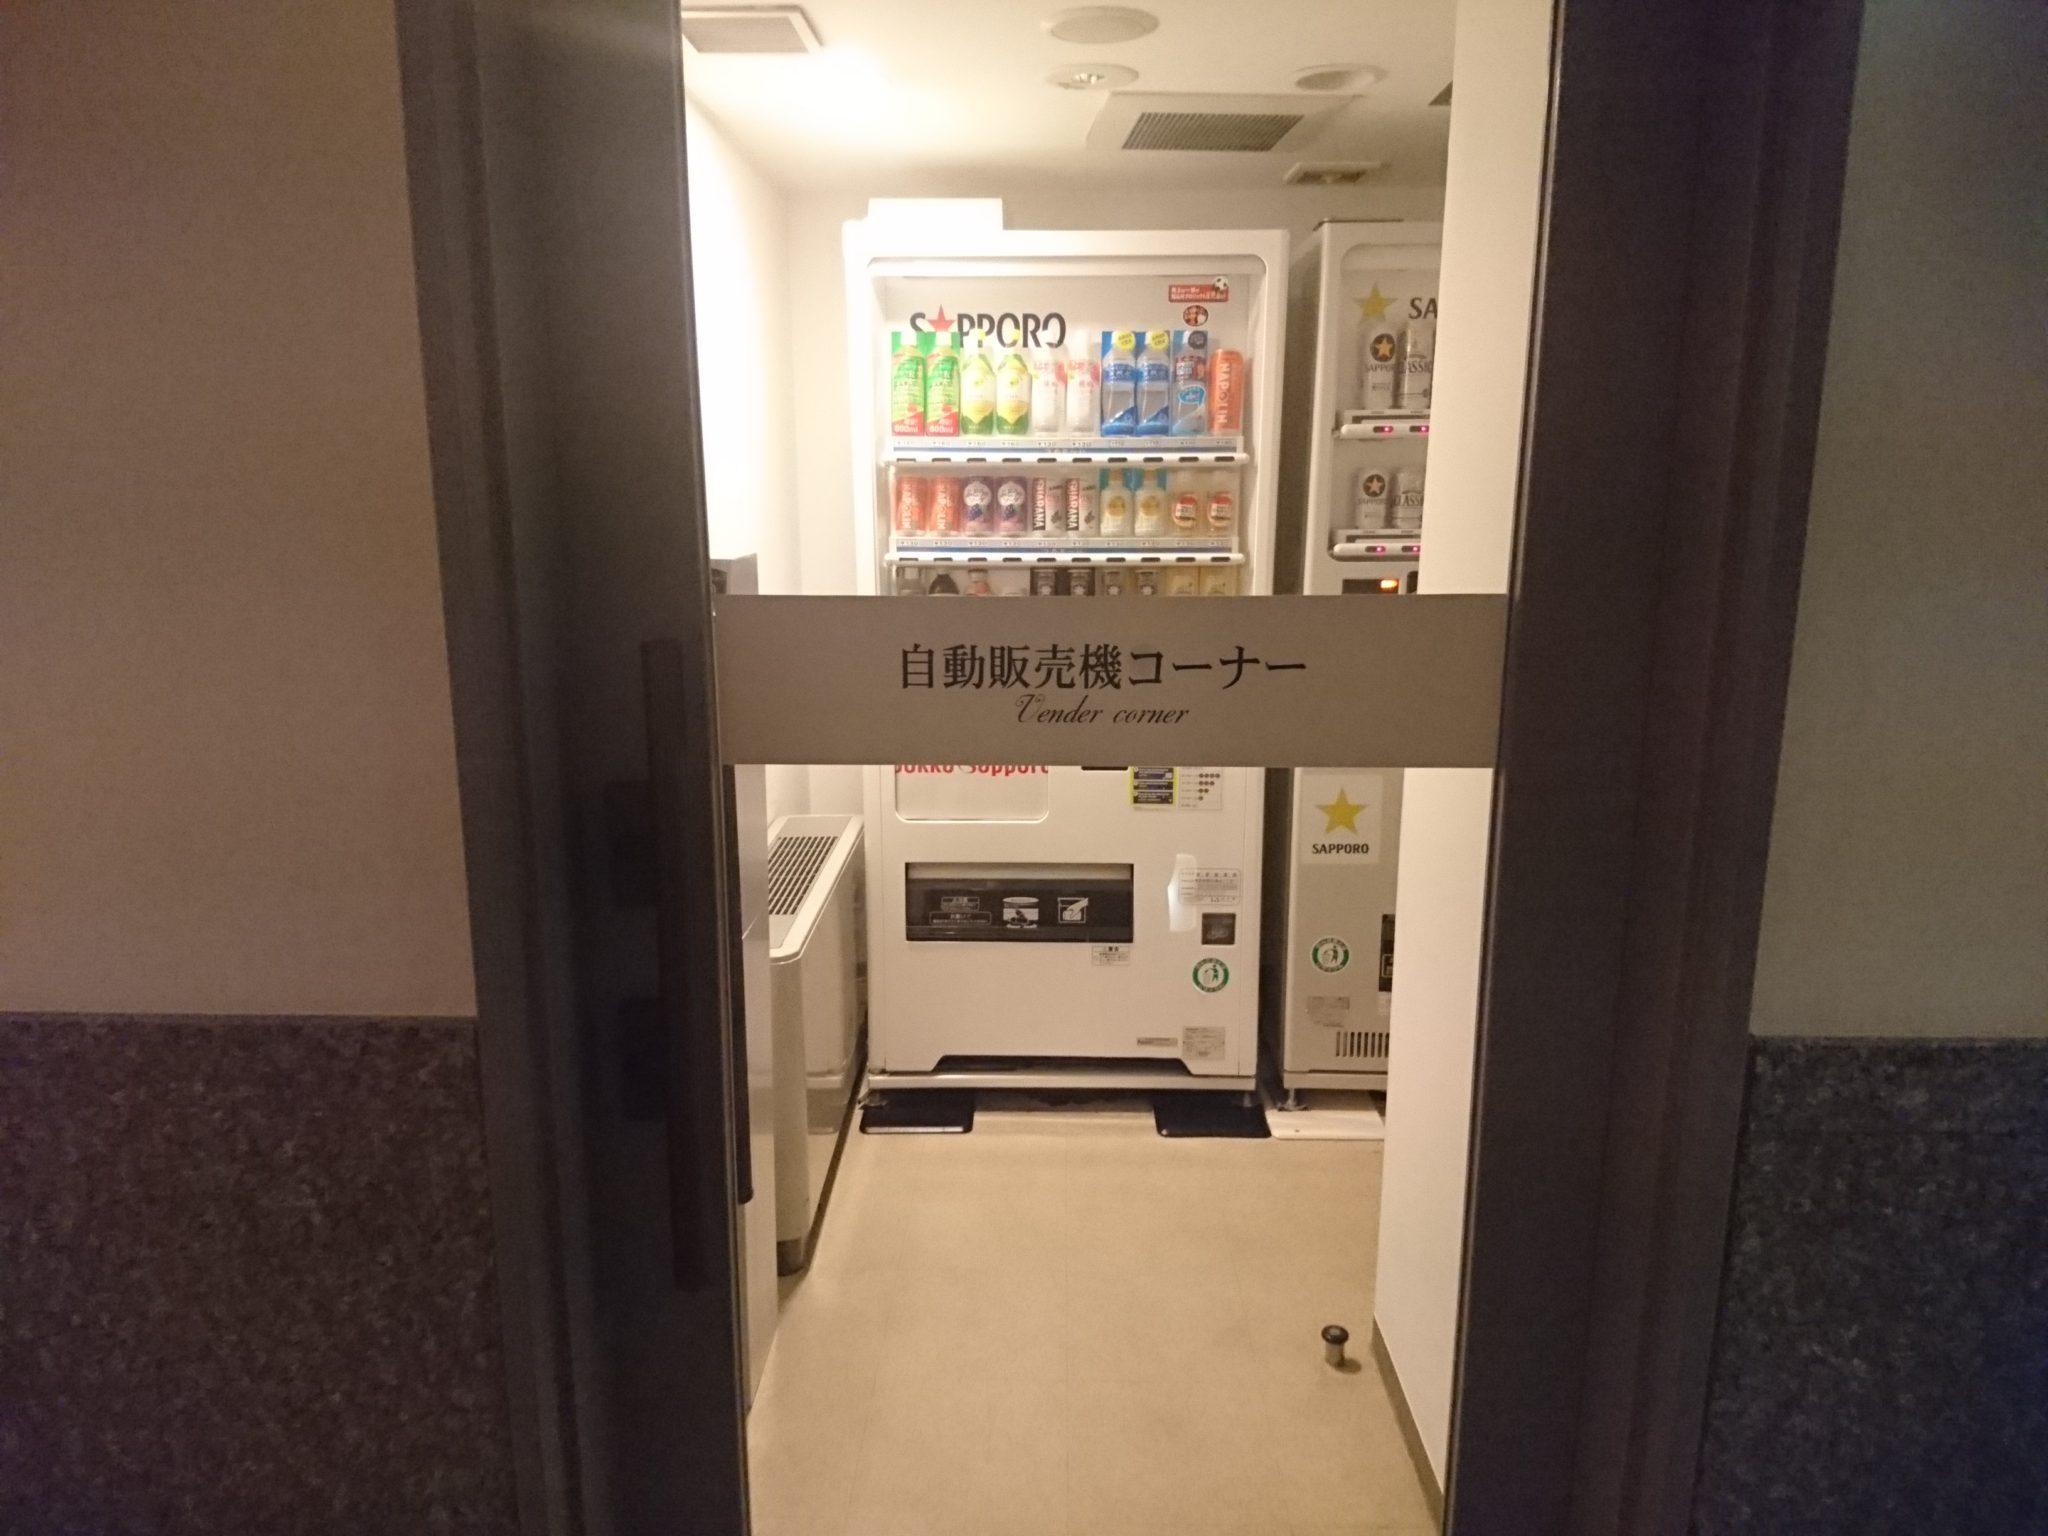 プレミアホテル-CABIN 自動販売機